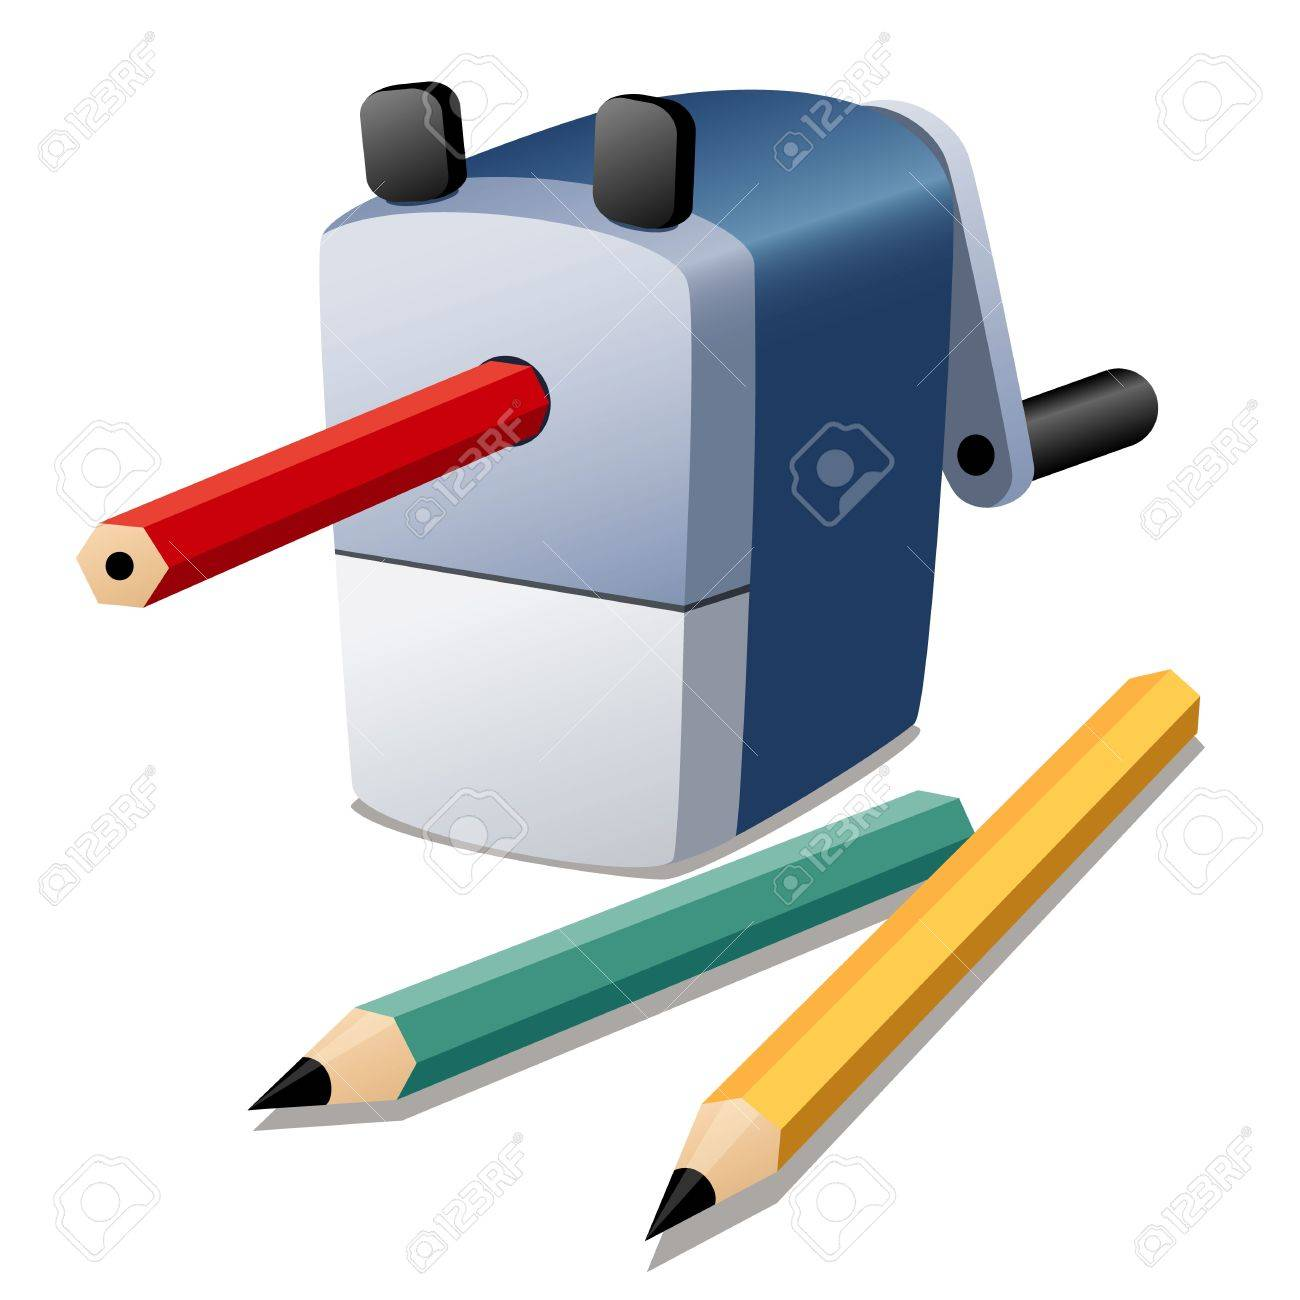 illustration of Pencil sharpener Stock Vector - 17338233